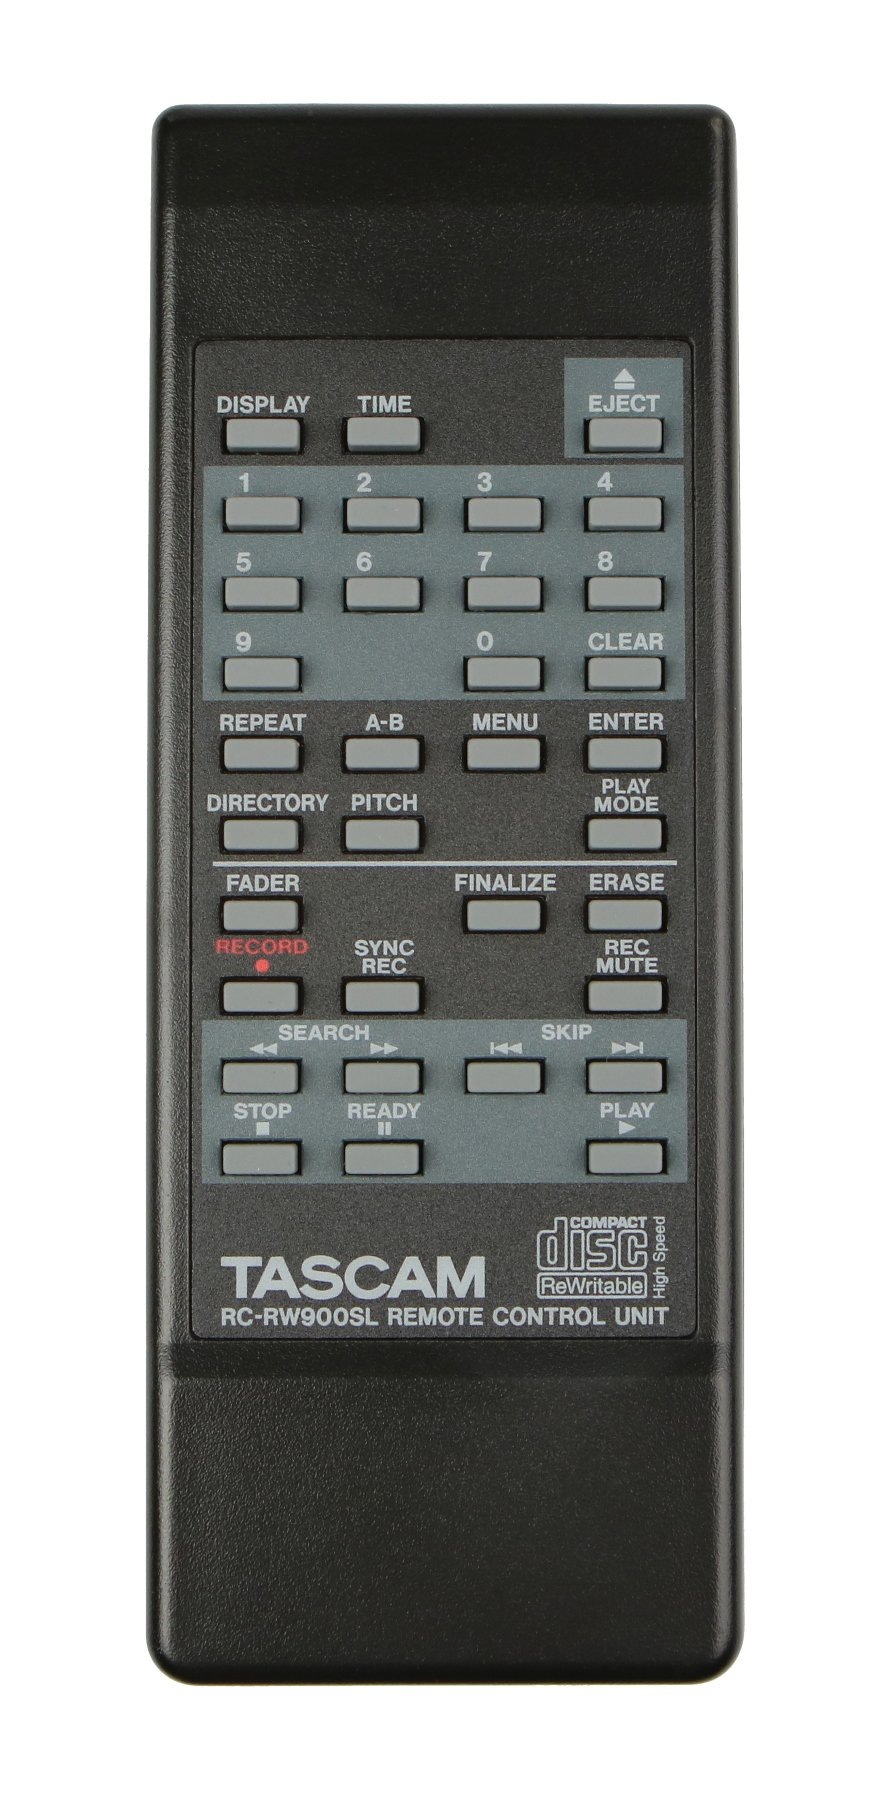 CDRW900SL Remote